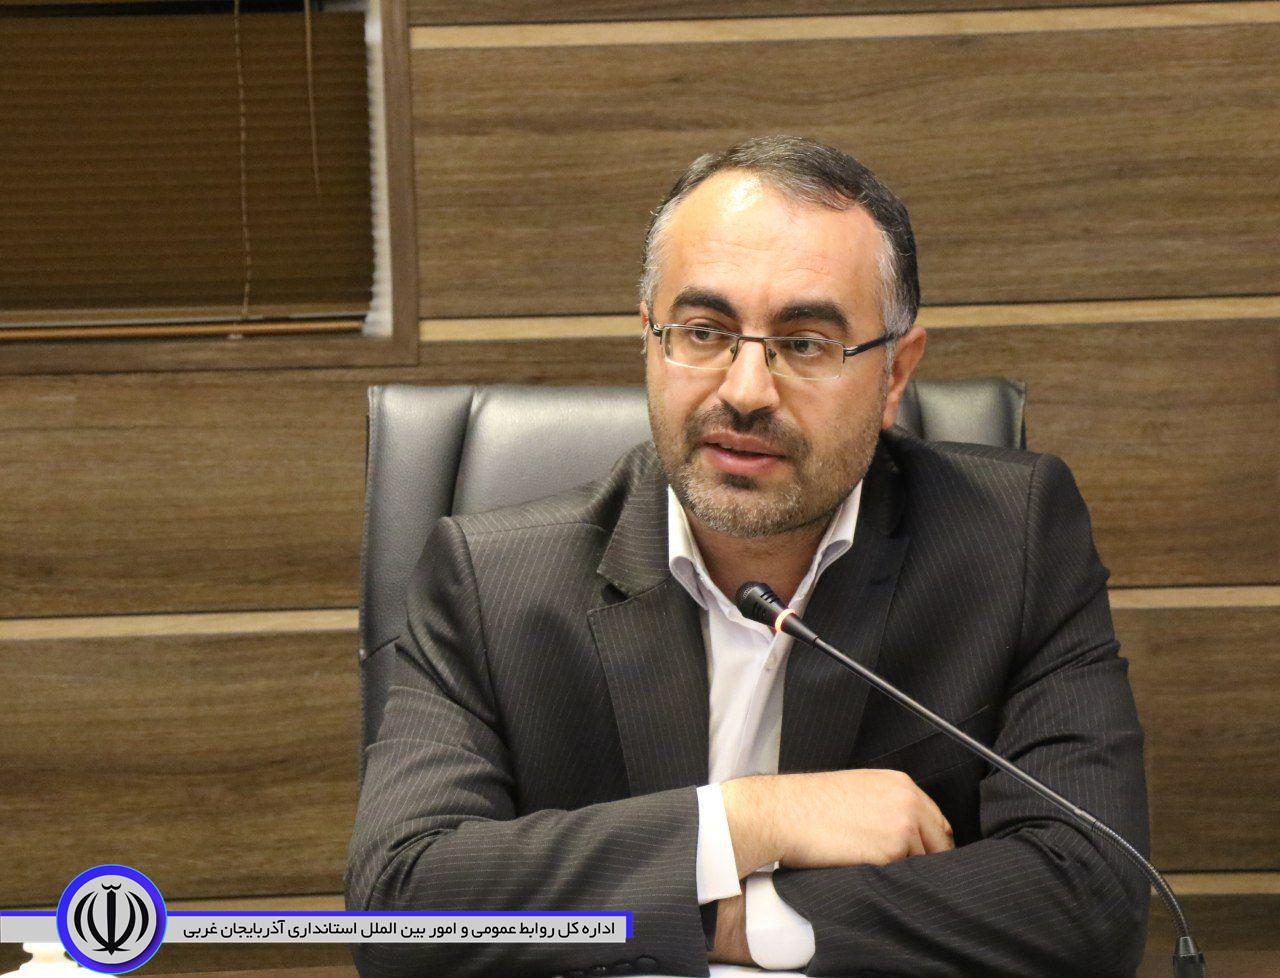 رئیس هیات بازرسی ستاد انتخابات آذربایجان غربی: رویکرد بازرسان در مراقبت از سلامت انتخابات، پیشگیرانه است/ هیات های بازرسی تعامل قانونی با هیات های اجرایی و نظارتی دارند